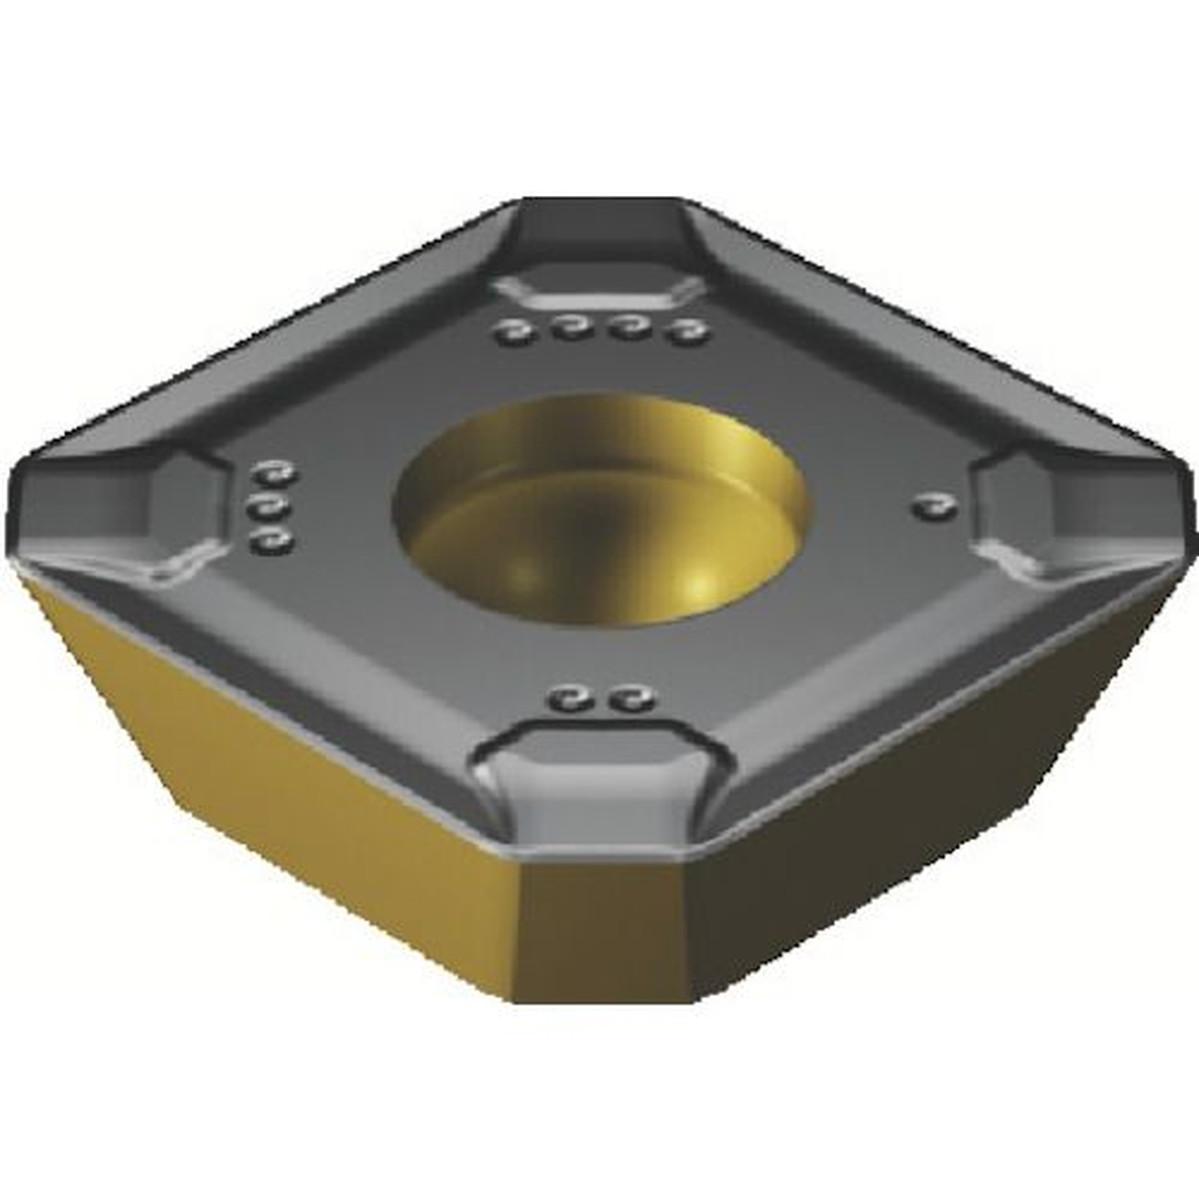 あす楽対応 有名な DIY用品 サンドビック コロミル245チップ 無料サンプルOK 10個 3330